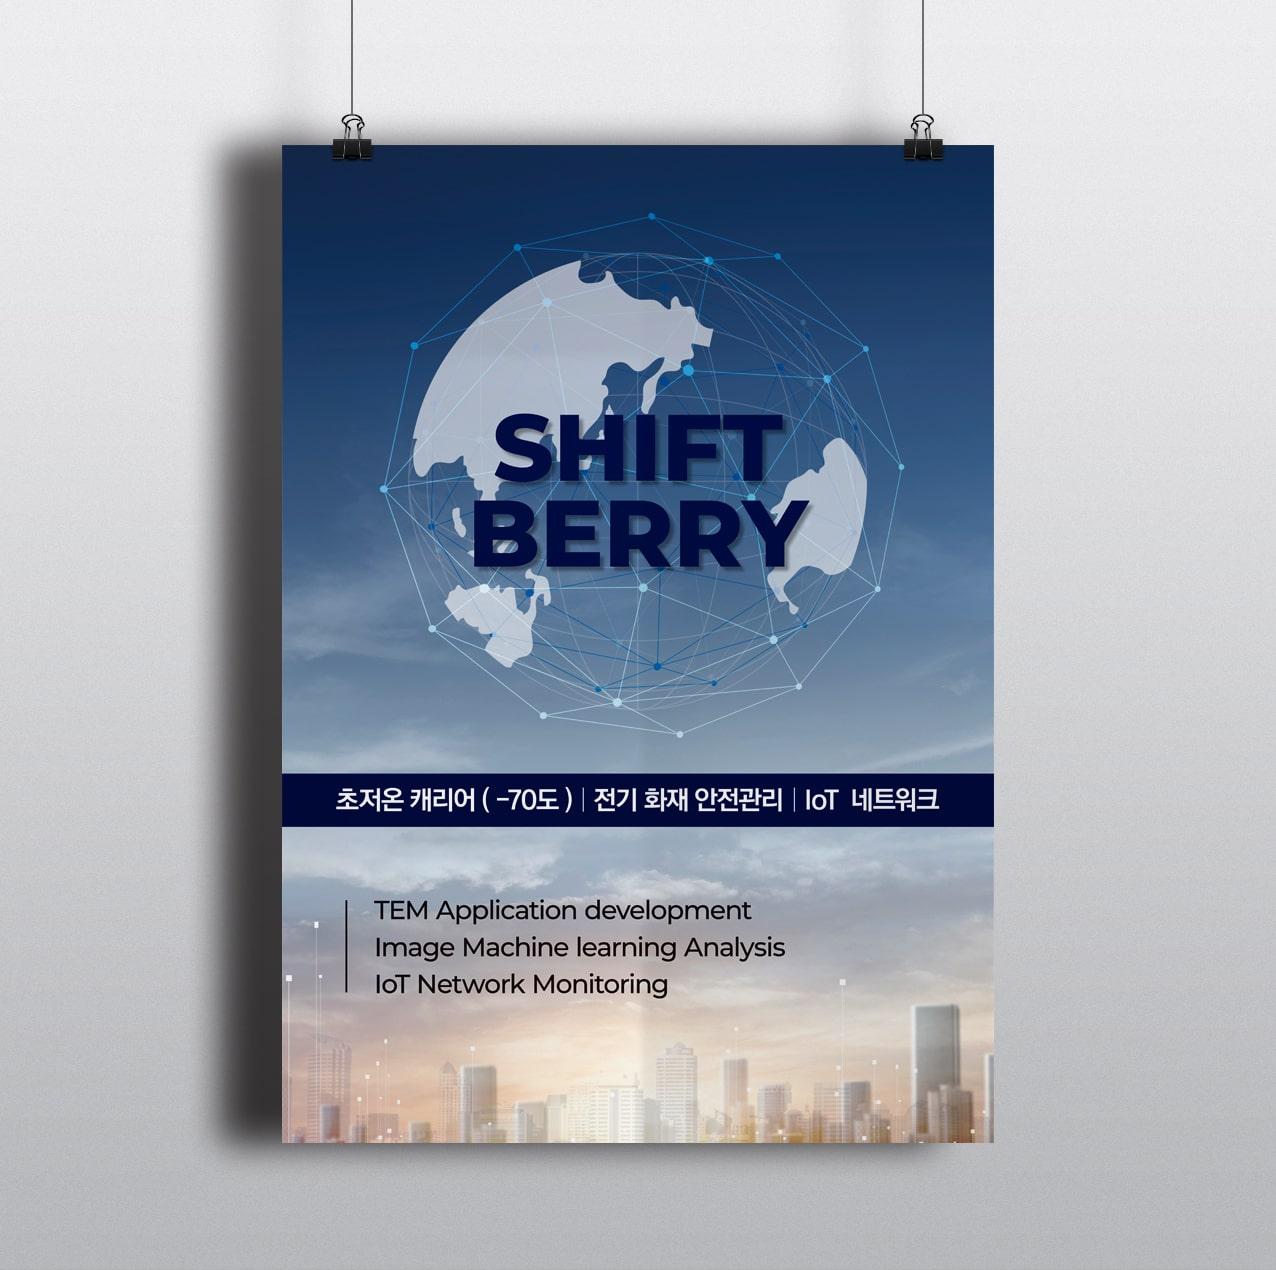 SHIFT BERRY - 쉬프트베리